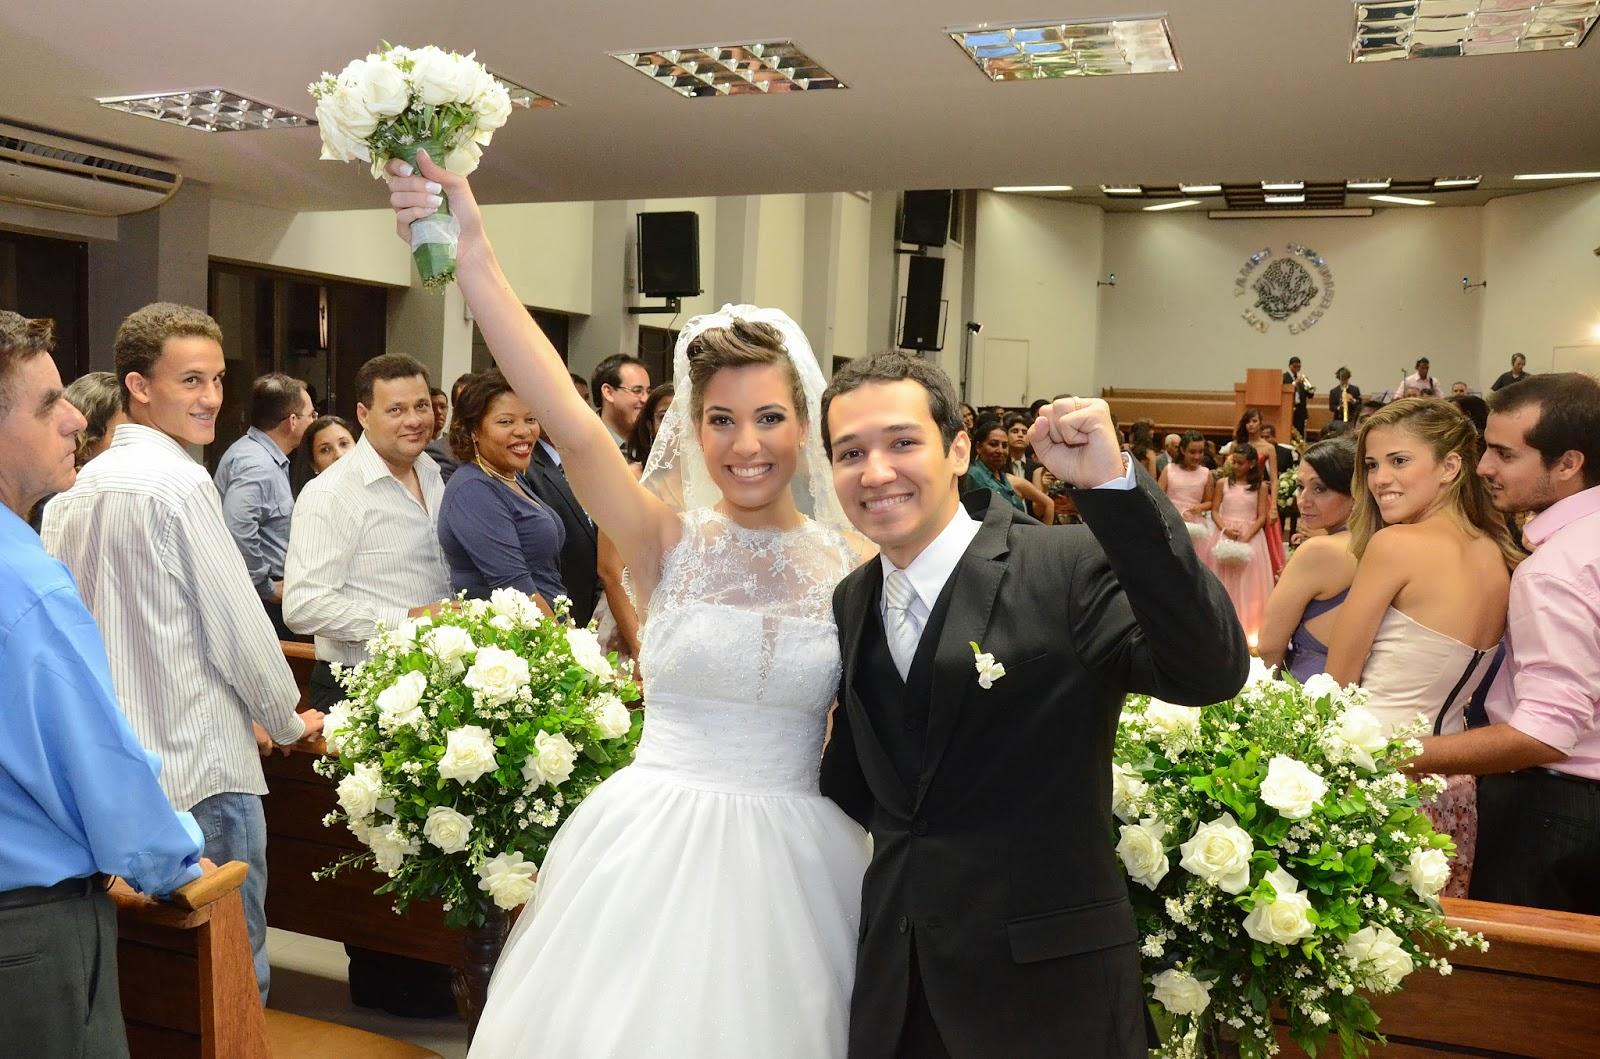 cerimônia - altar - noivos - saída dos noivos